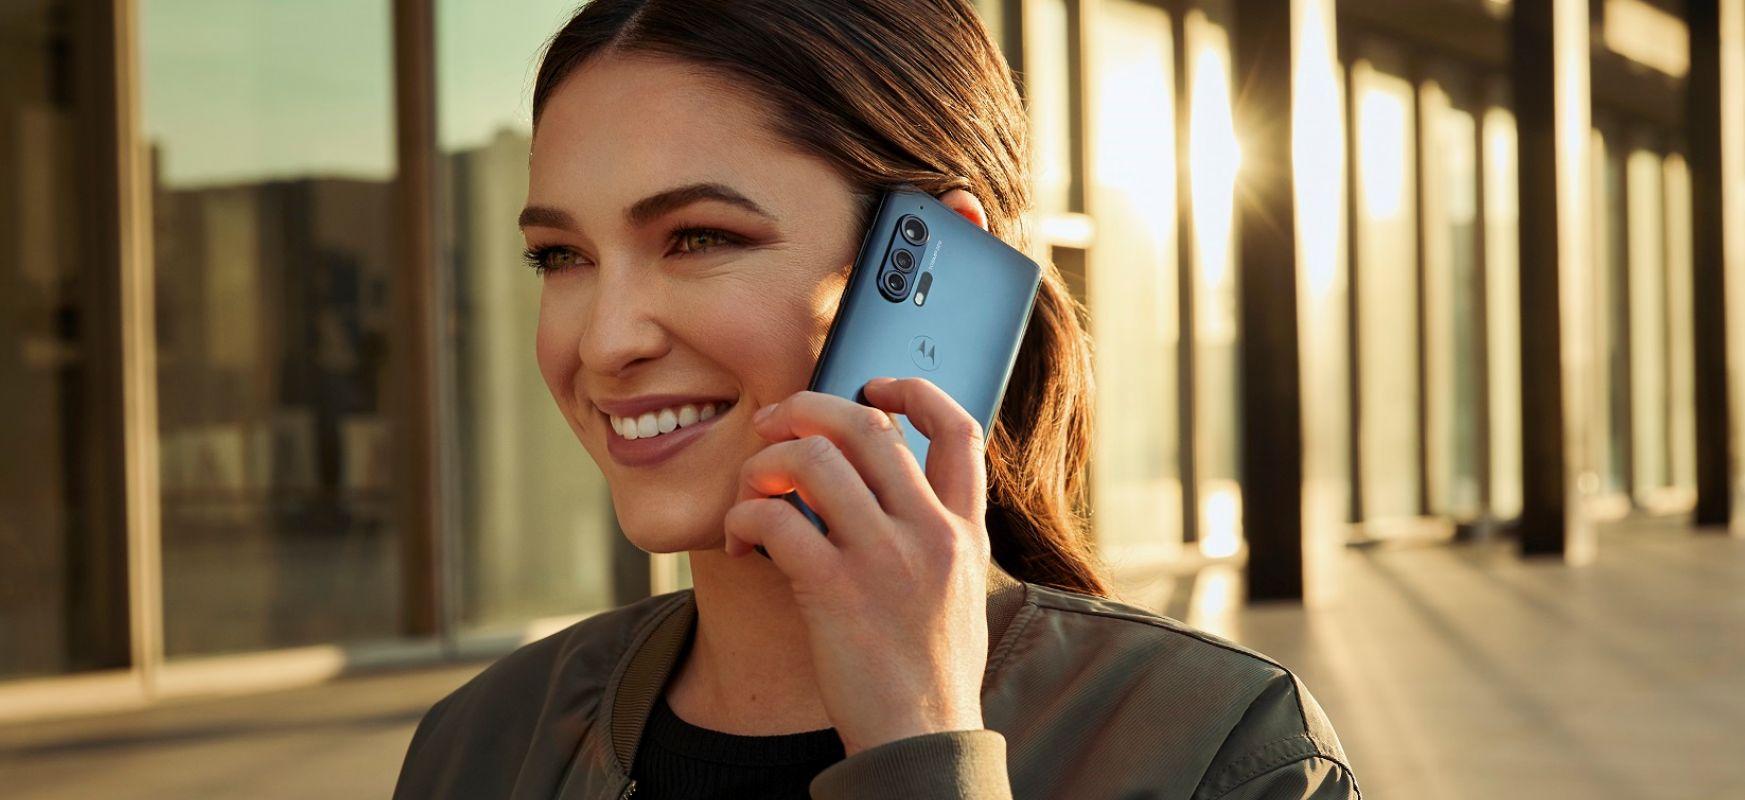 Motorola goiko apaletara itzultzen da, estilo bikainarekin eta prezio bikainarekin.  Hauek dira Motorola Edge eta Motorola Edge +